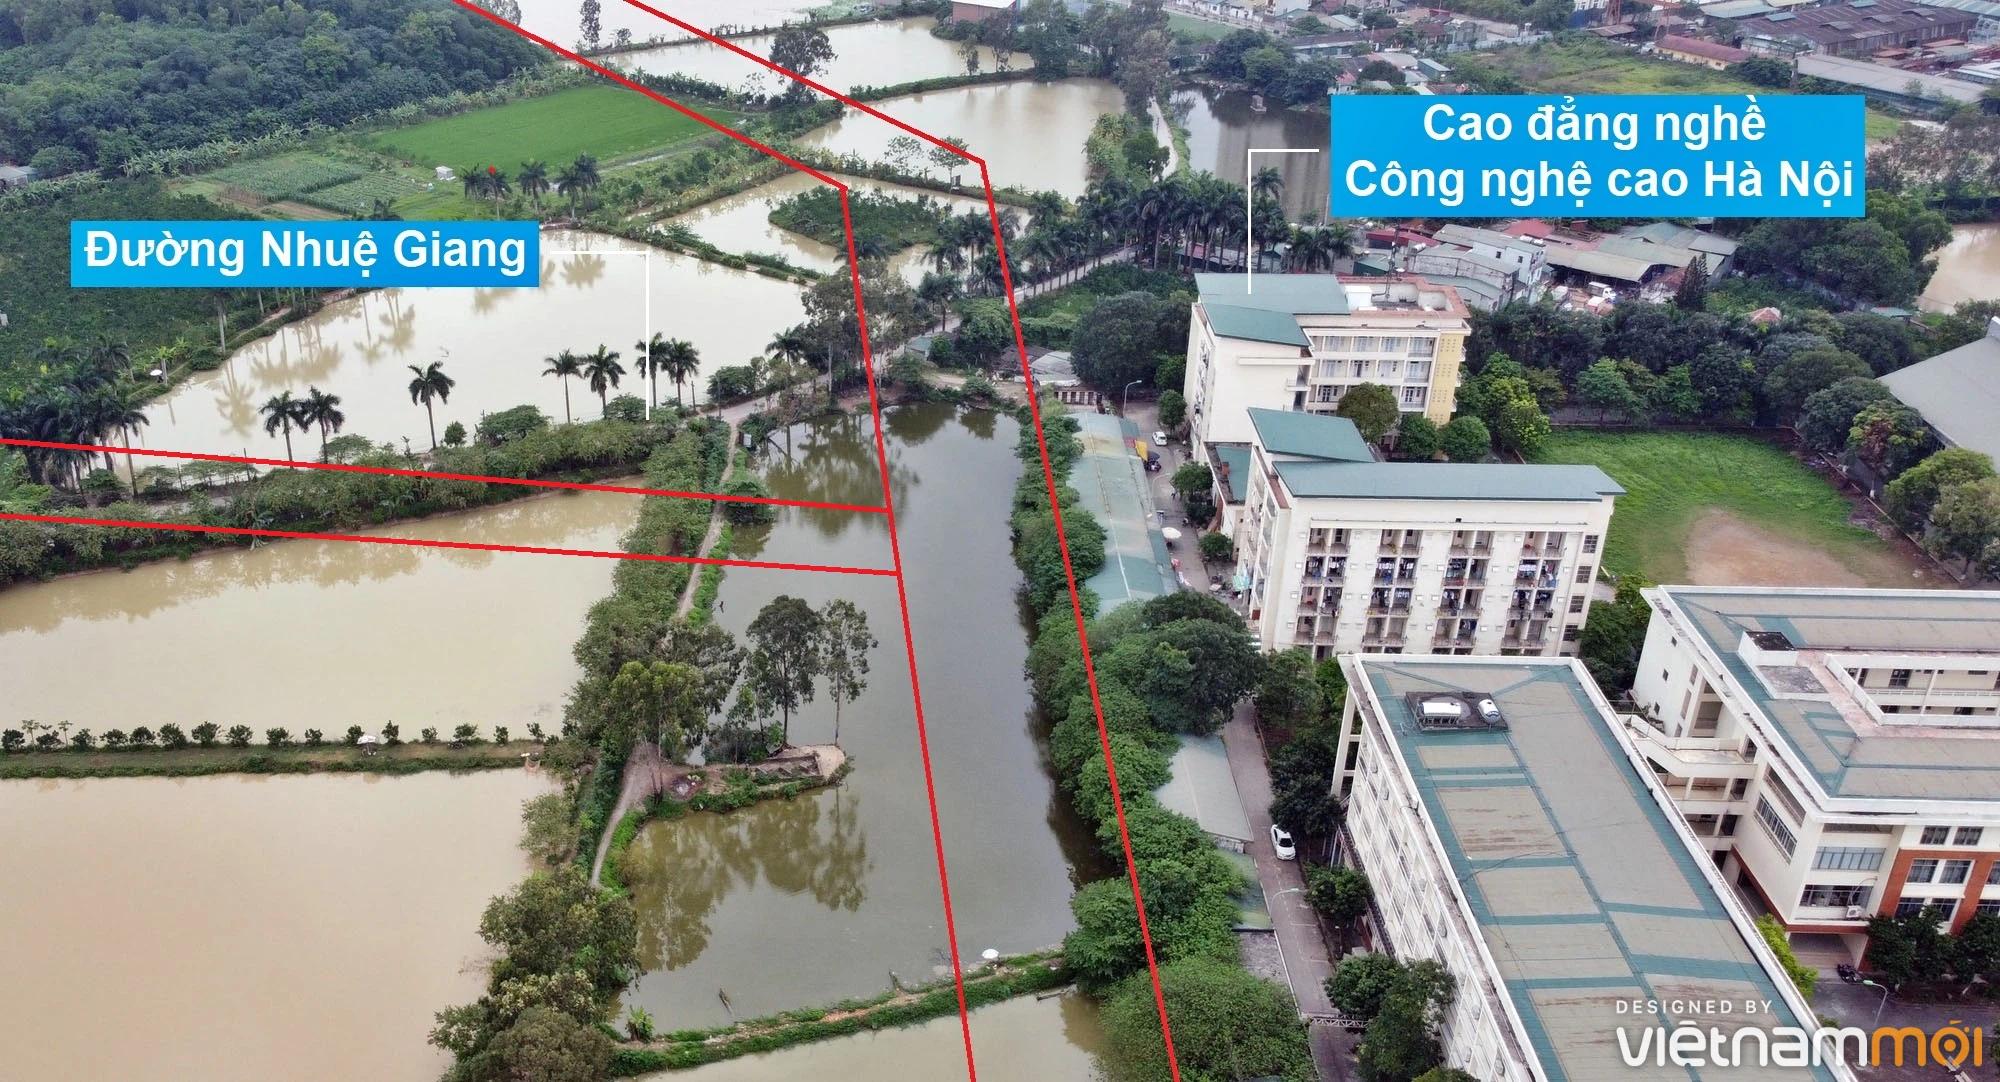 Những khu đất sắp thu hồi để mở đường ở phường Tây Mỗ, Nam Từ Liêm, Hà Nội (phần 1) - Ảnh 13.